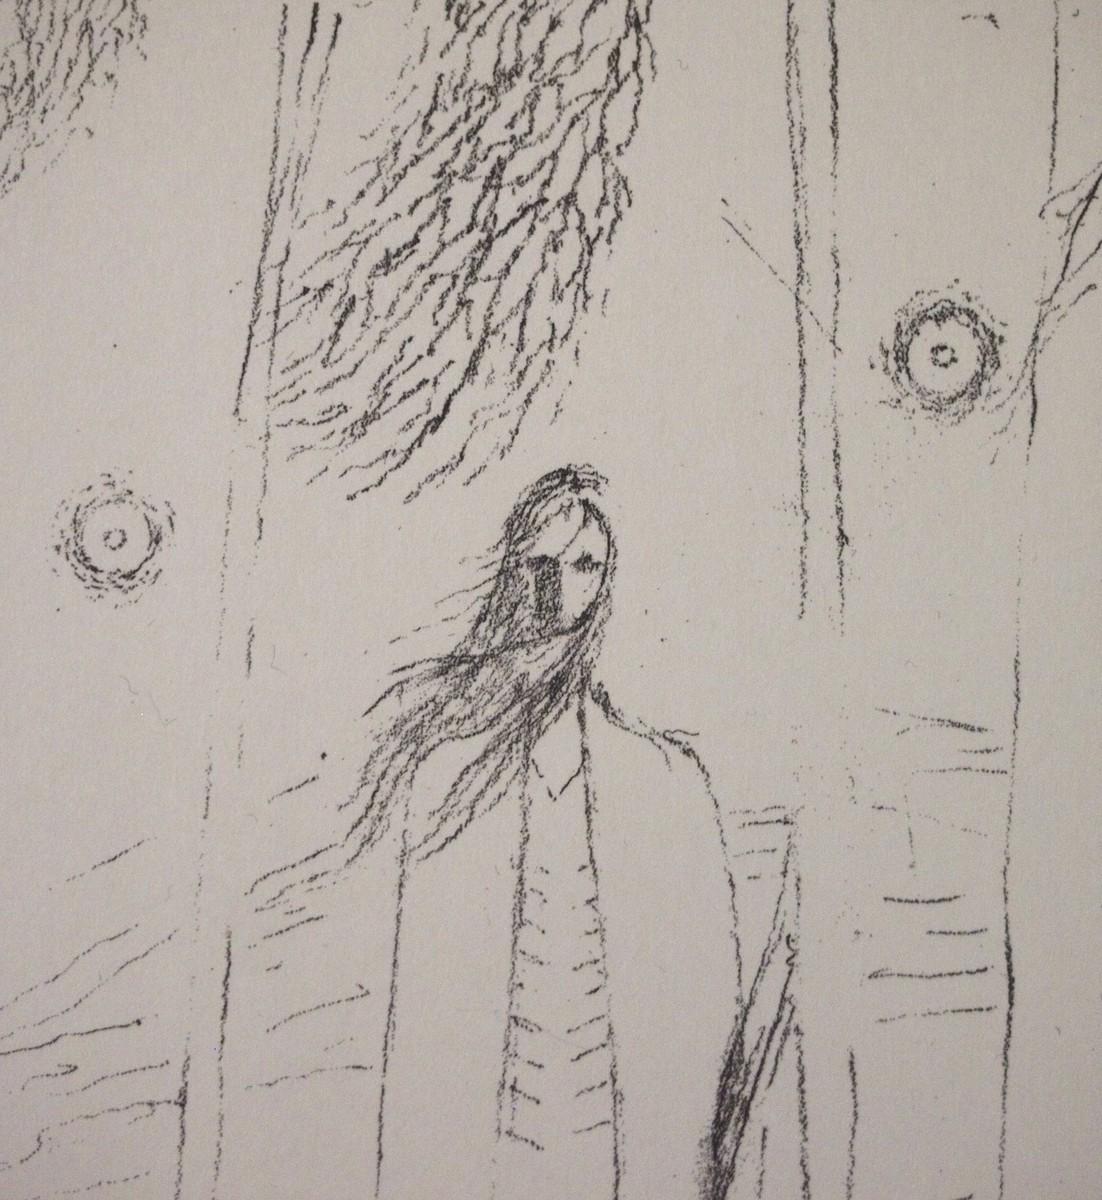 apparition02.jpg